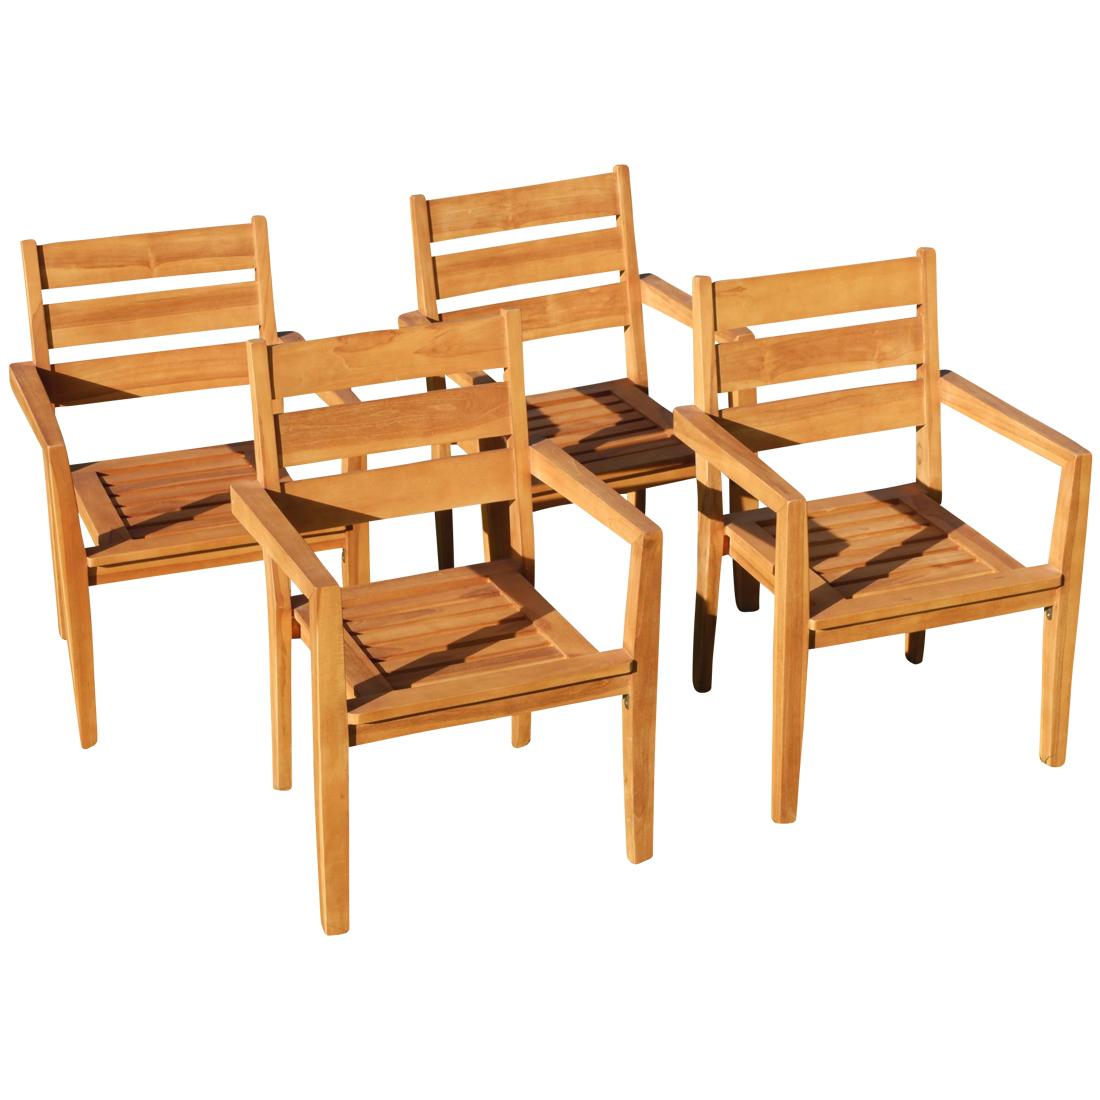 4Stk ECHT TEAK Design Gartenstuhl Stapelstuhl JAV-KINGSTON stapelbar sehr robust